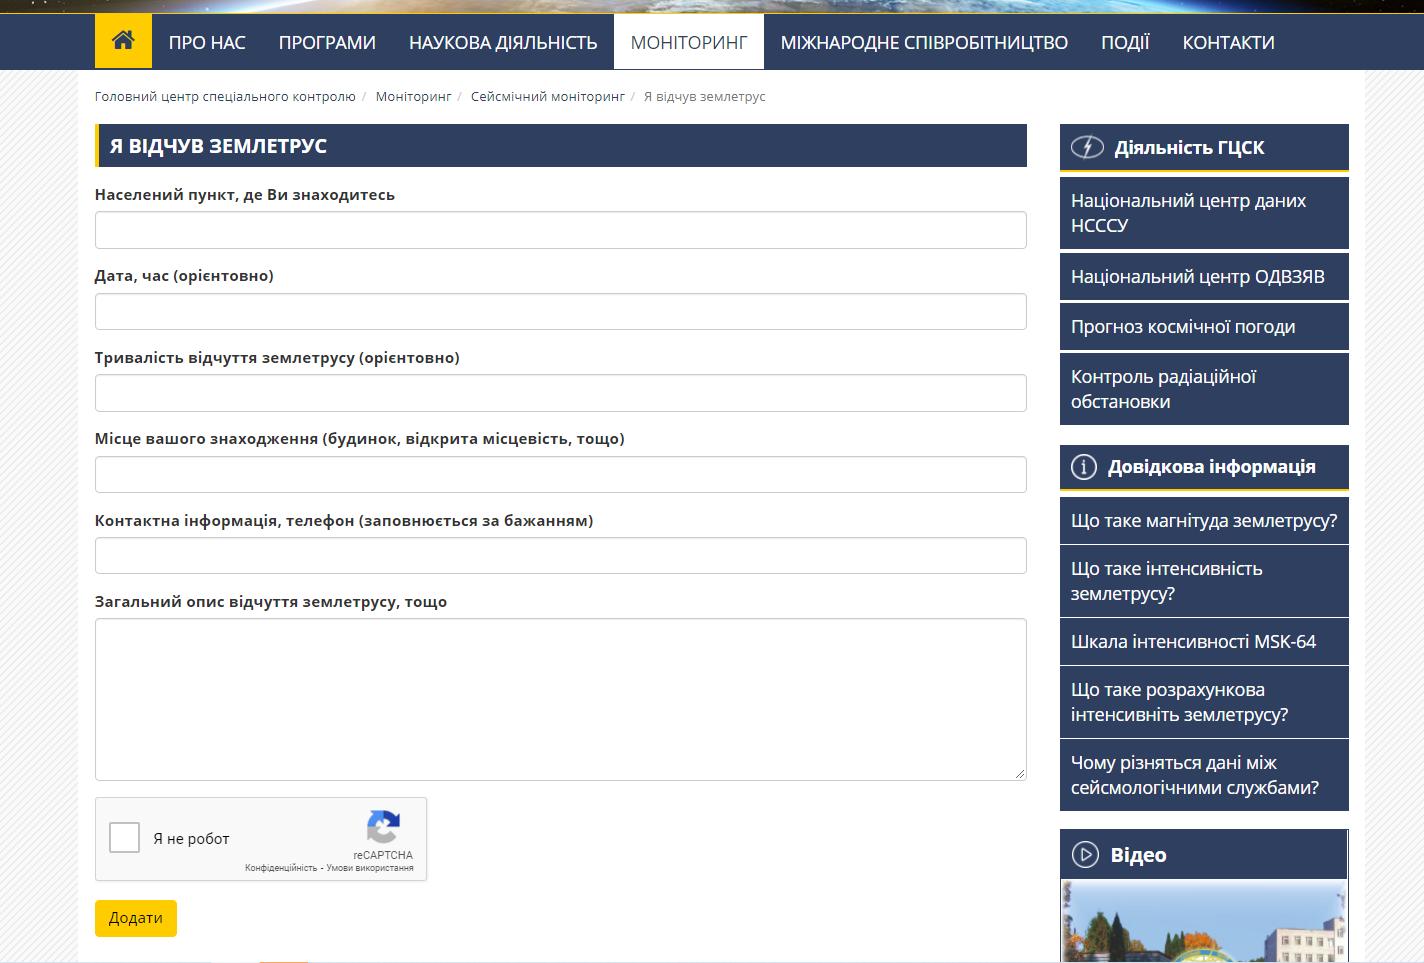 онлайн форма повідомлення про землетрус